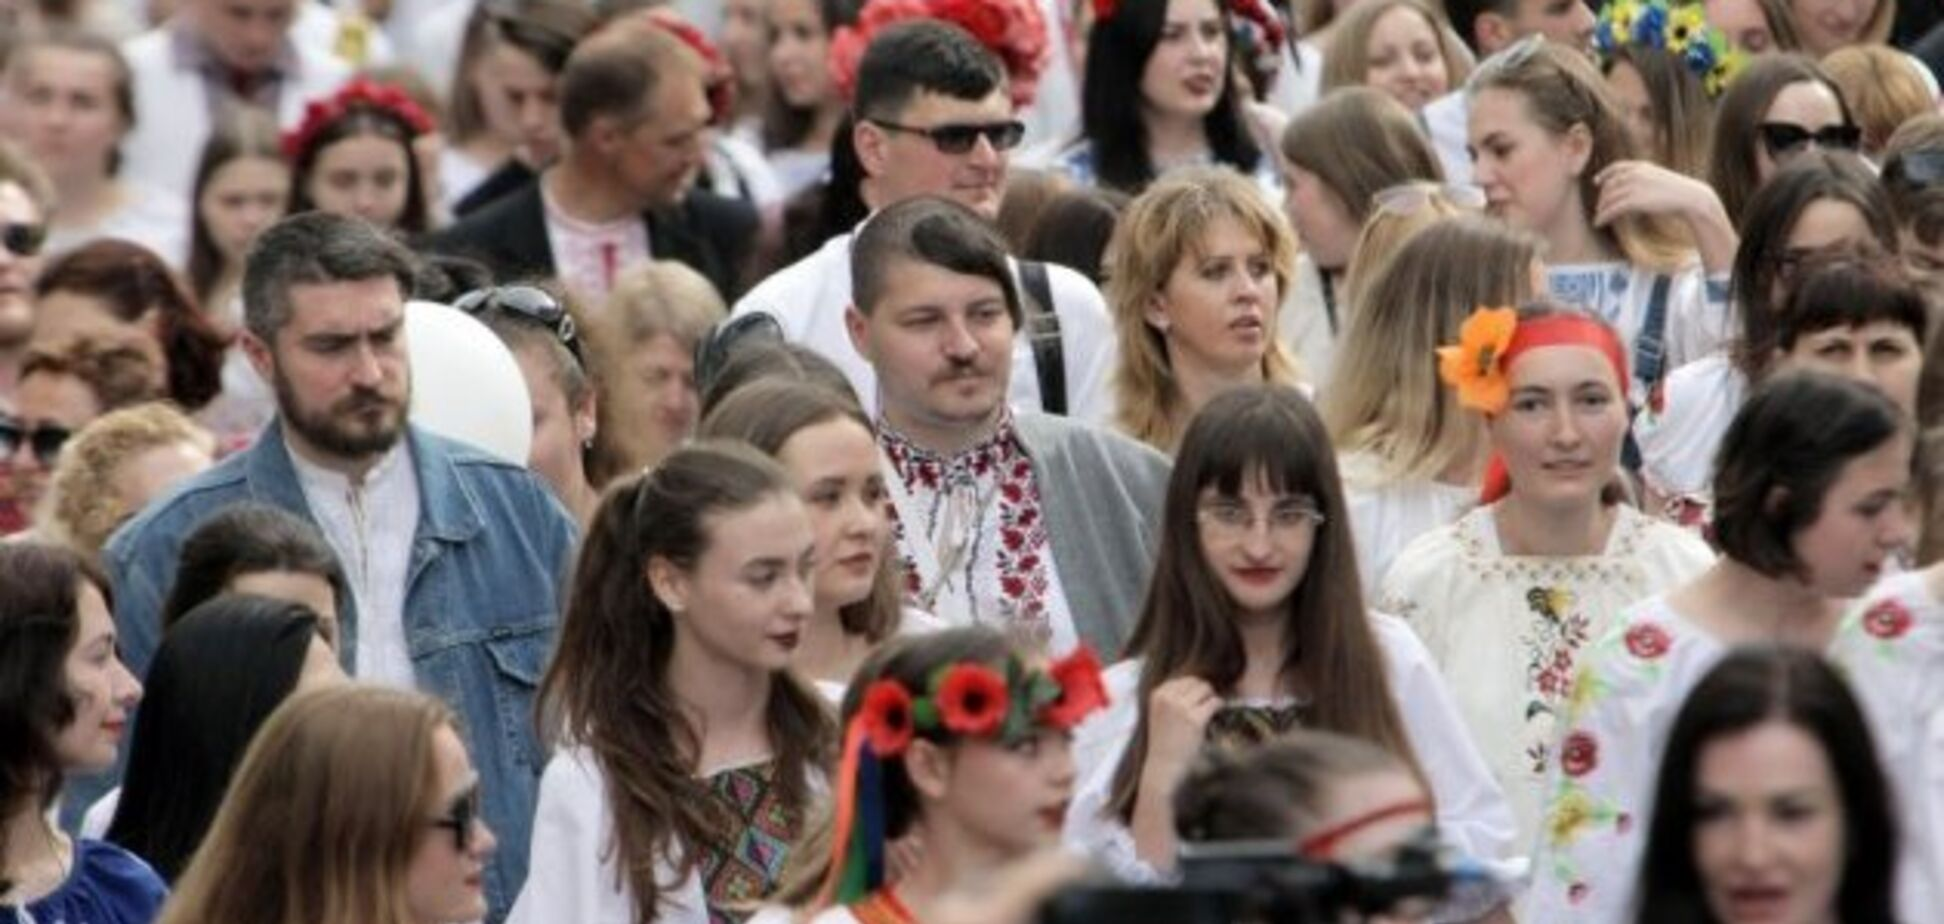 'Це спрацює': експерт розповів, коли ріст економіки позначиться на гаманцях українців